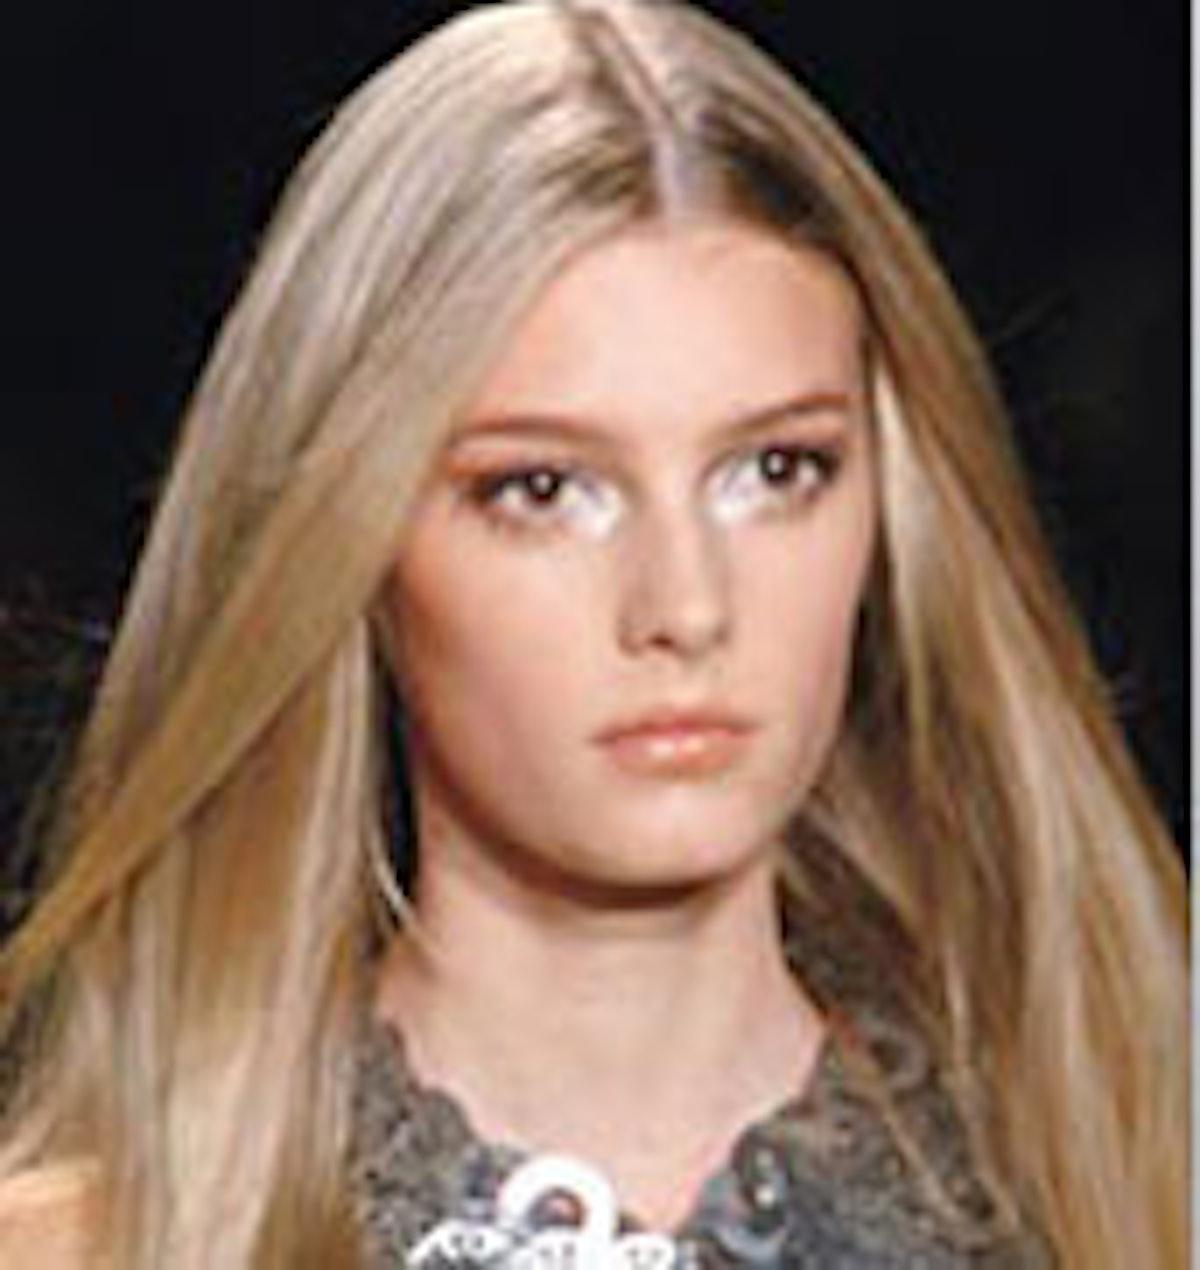 bess_runway_beauty_search.jpg